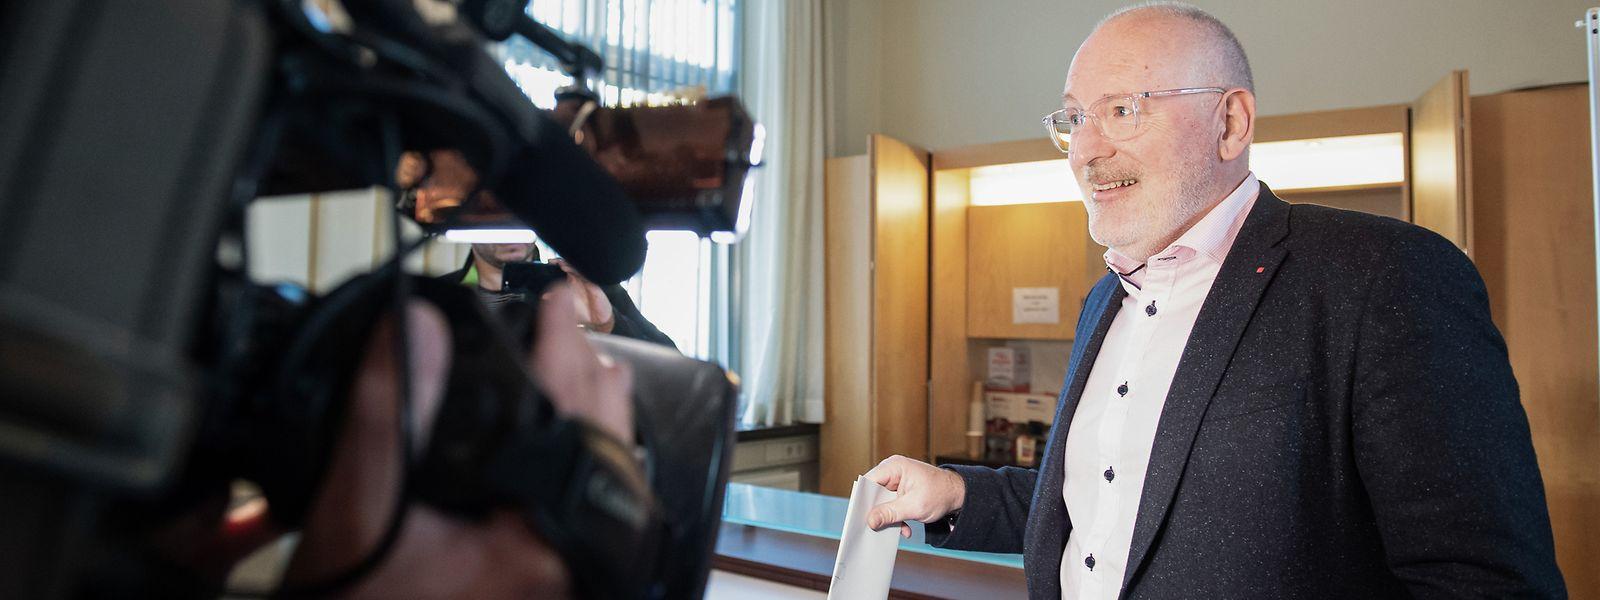 Frans Timmermans, Europa-Spitzenkandidat der Sozialdemokraten für das Amt des Präsidenten der Europäischen Kommission, gibt seine Stimme in einem Wahllokal in Heerlen ab.